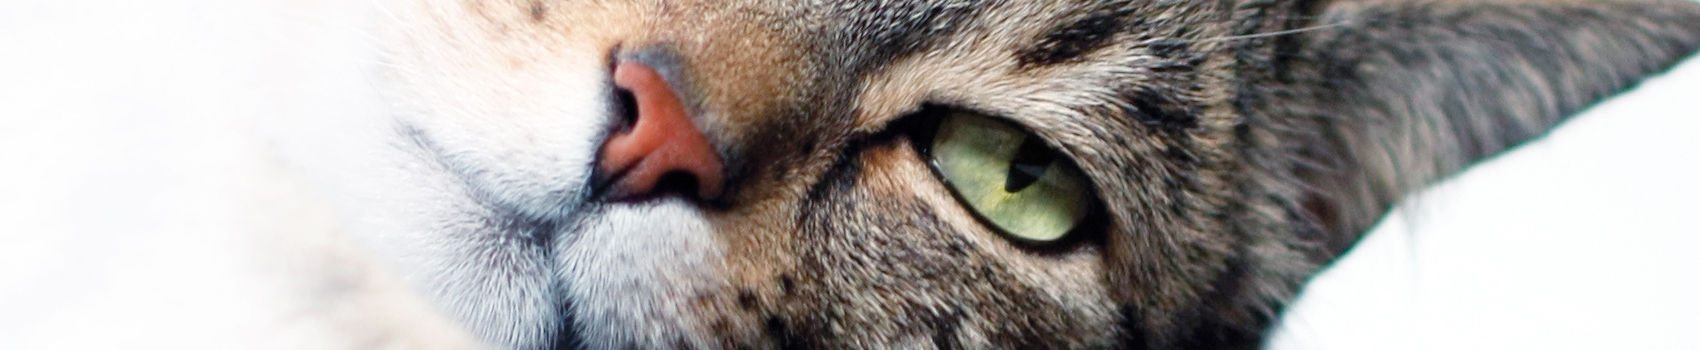 fédération féline française chat